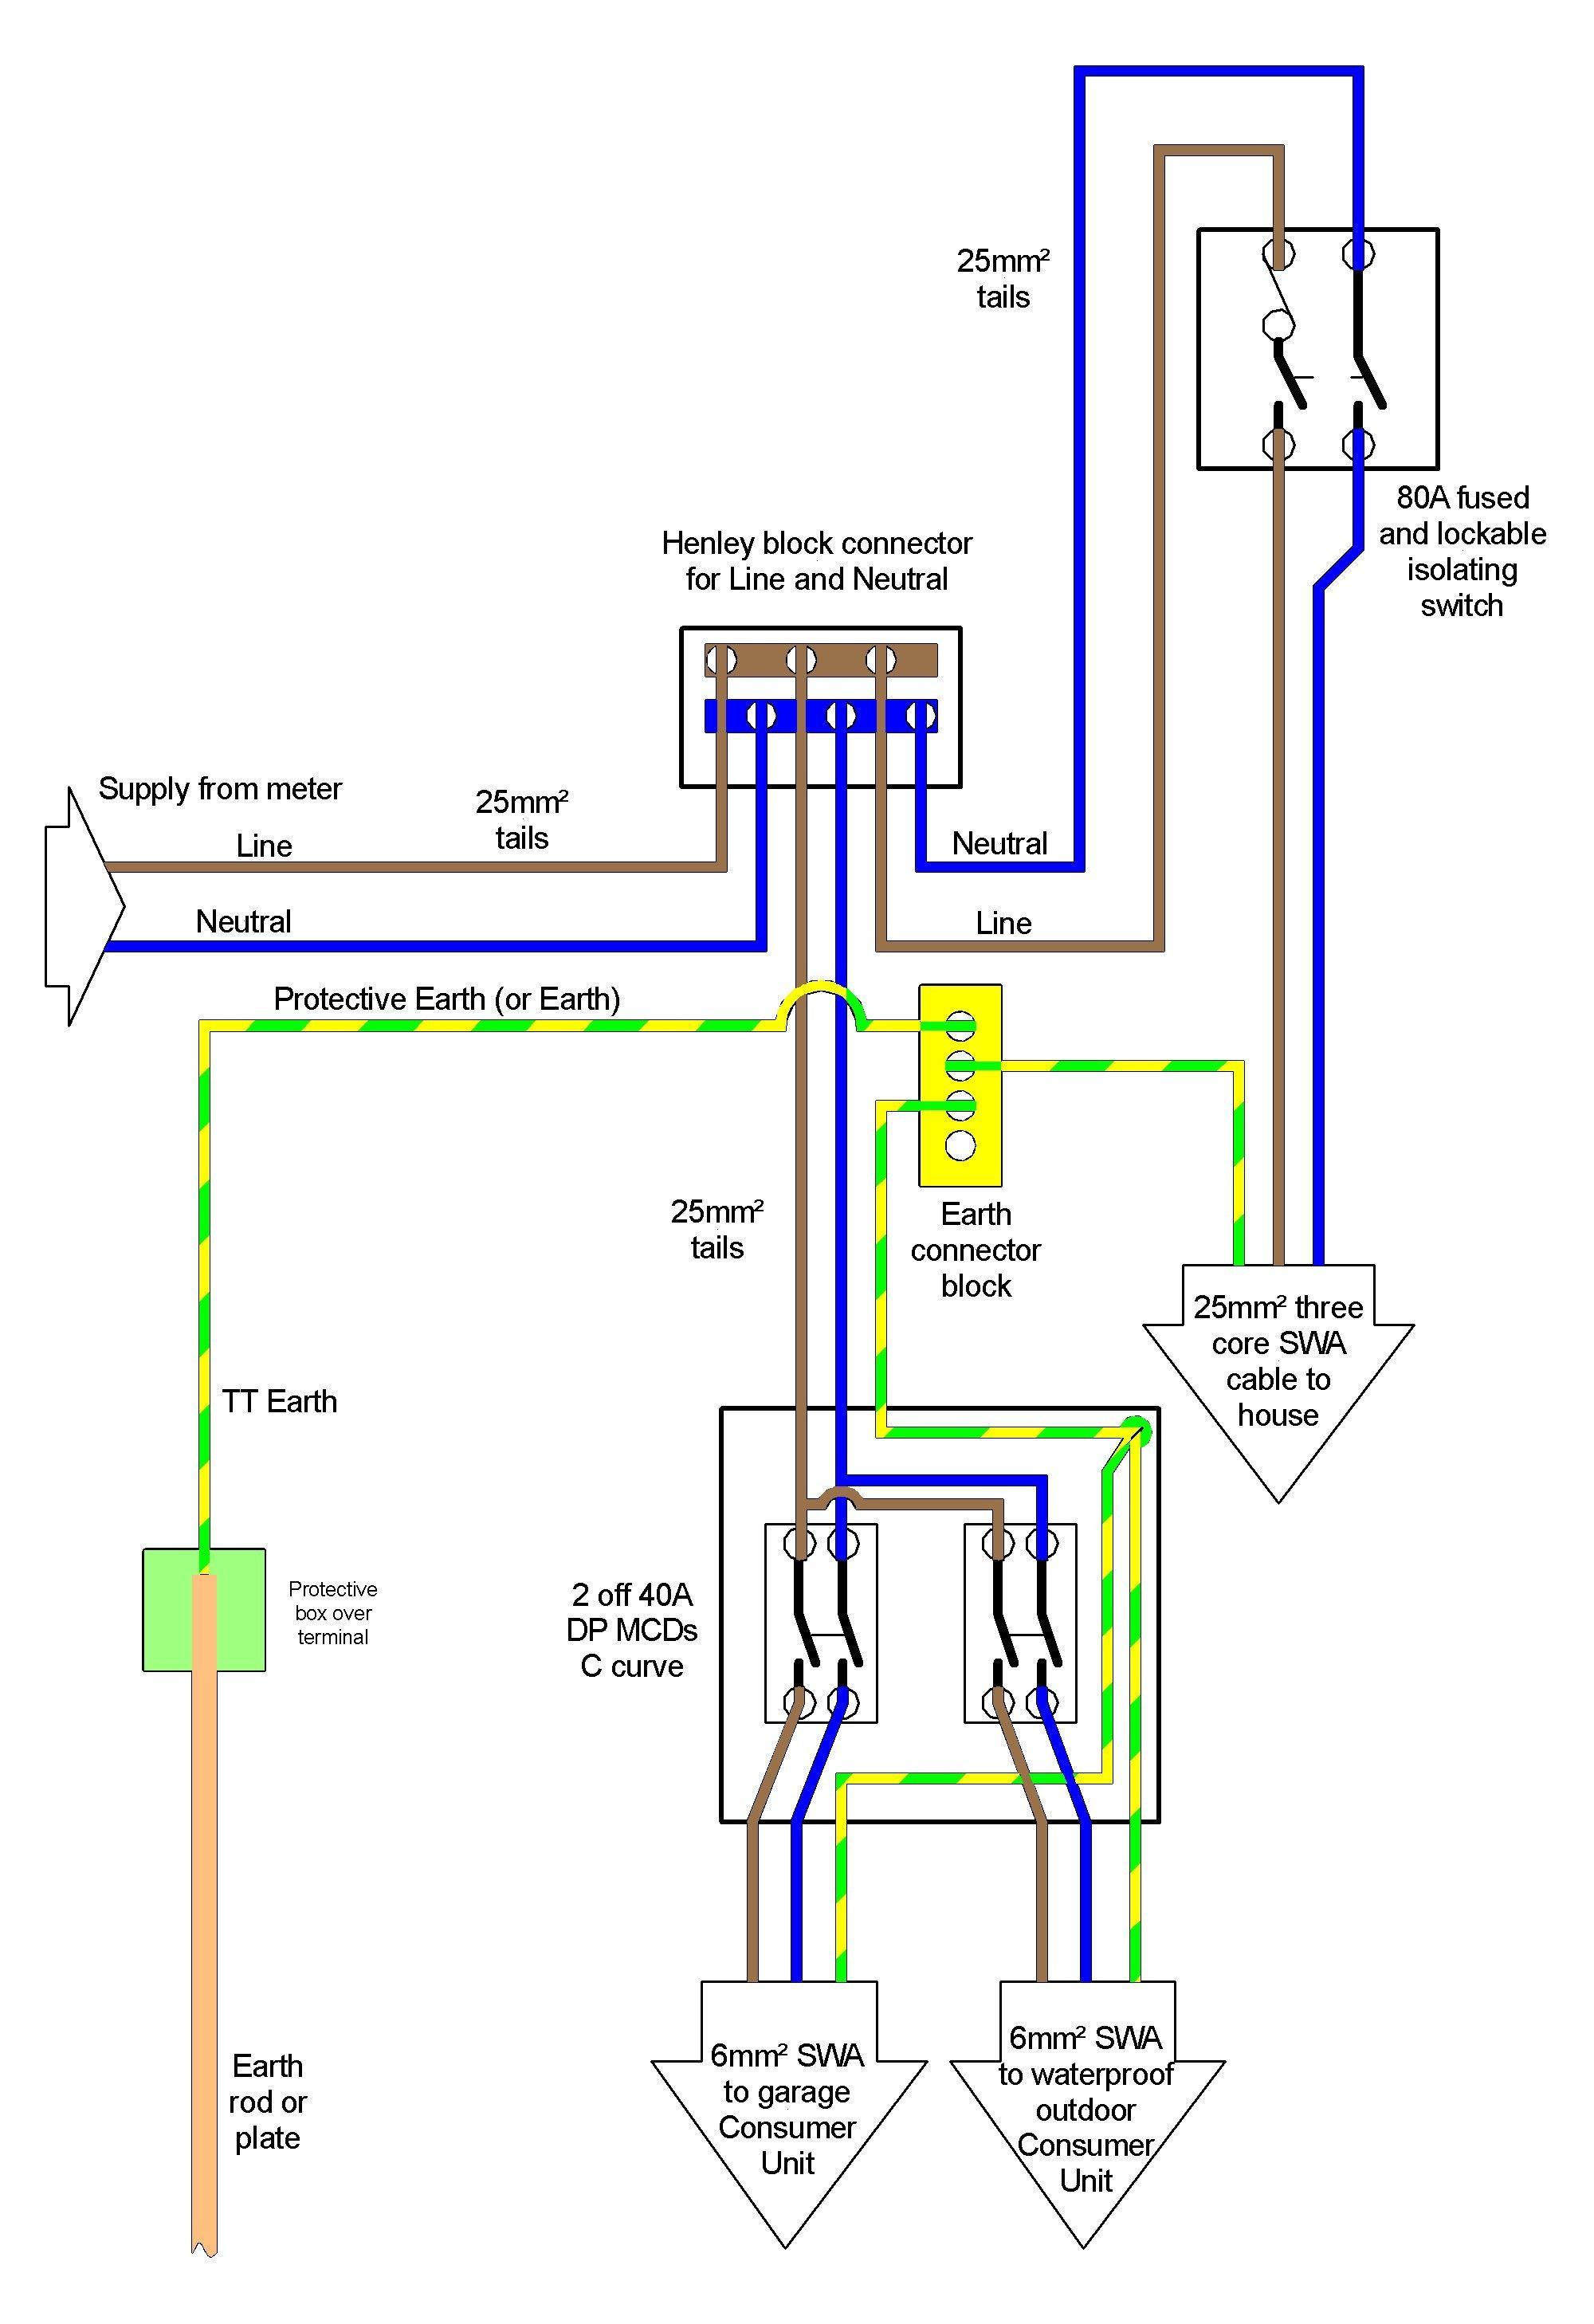 New Wiring Diagram Dual Rcd Consumer Unit Diagram Diagramtemplate Diagramsample